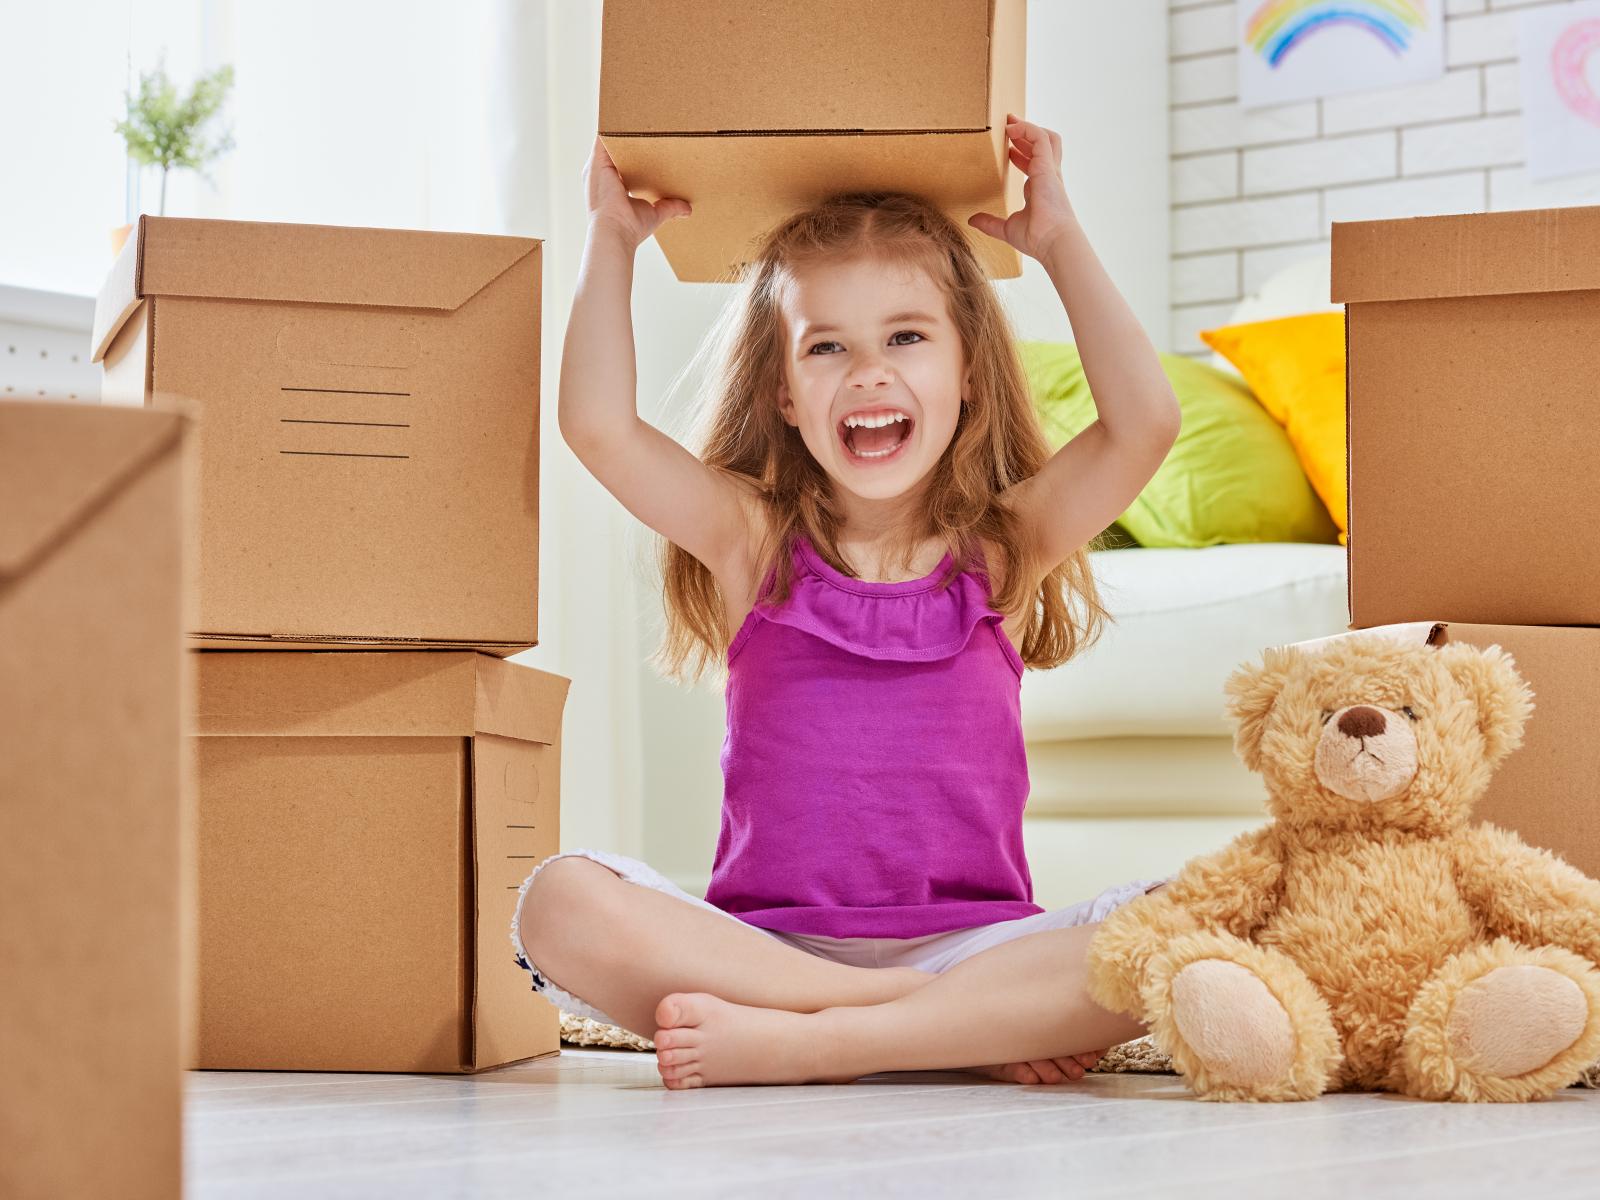 Blogserie verhuizen, Deel 2 – Relaxt verhuizen met jonge kinderen